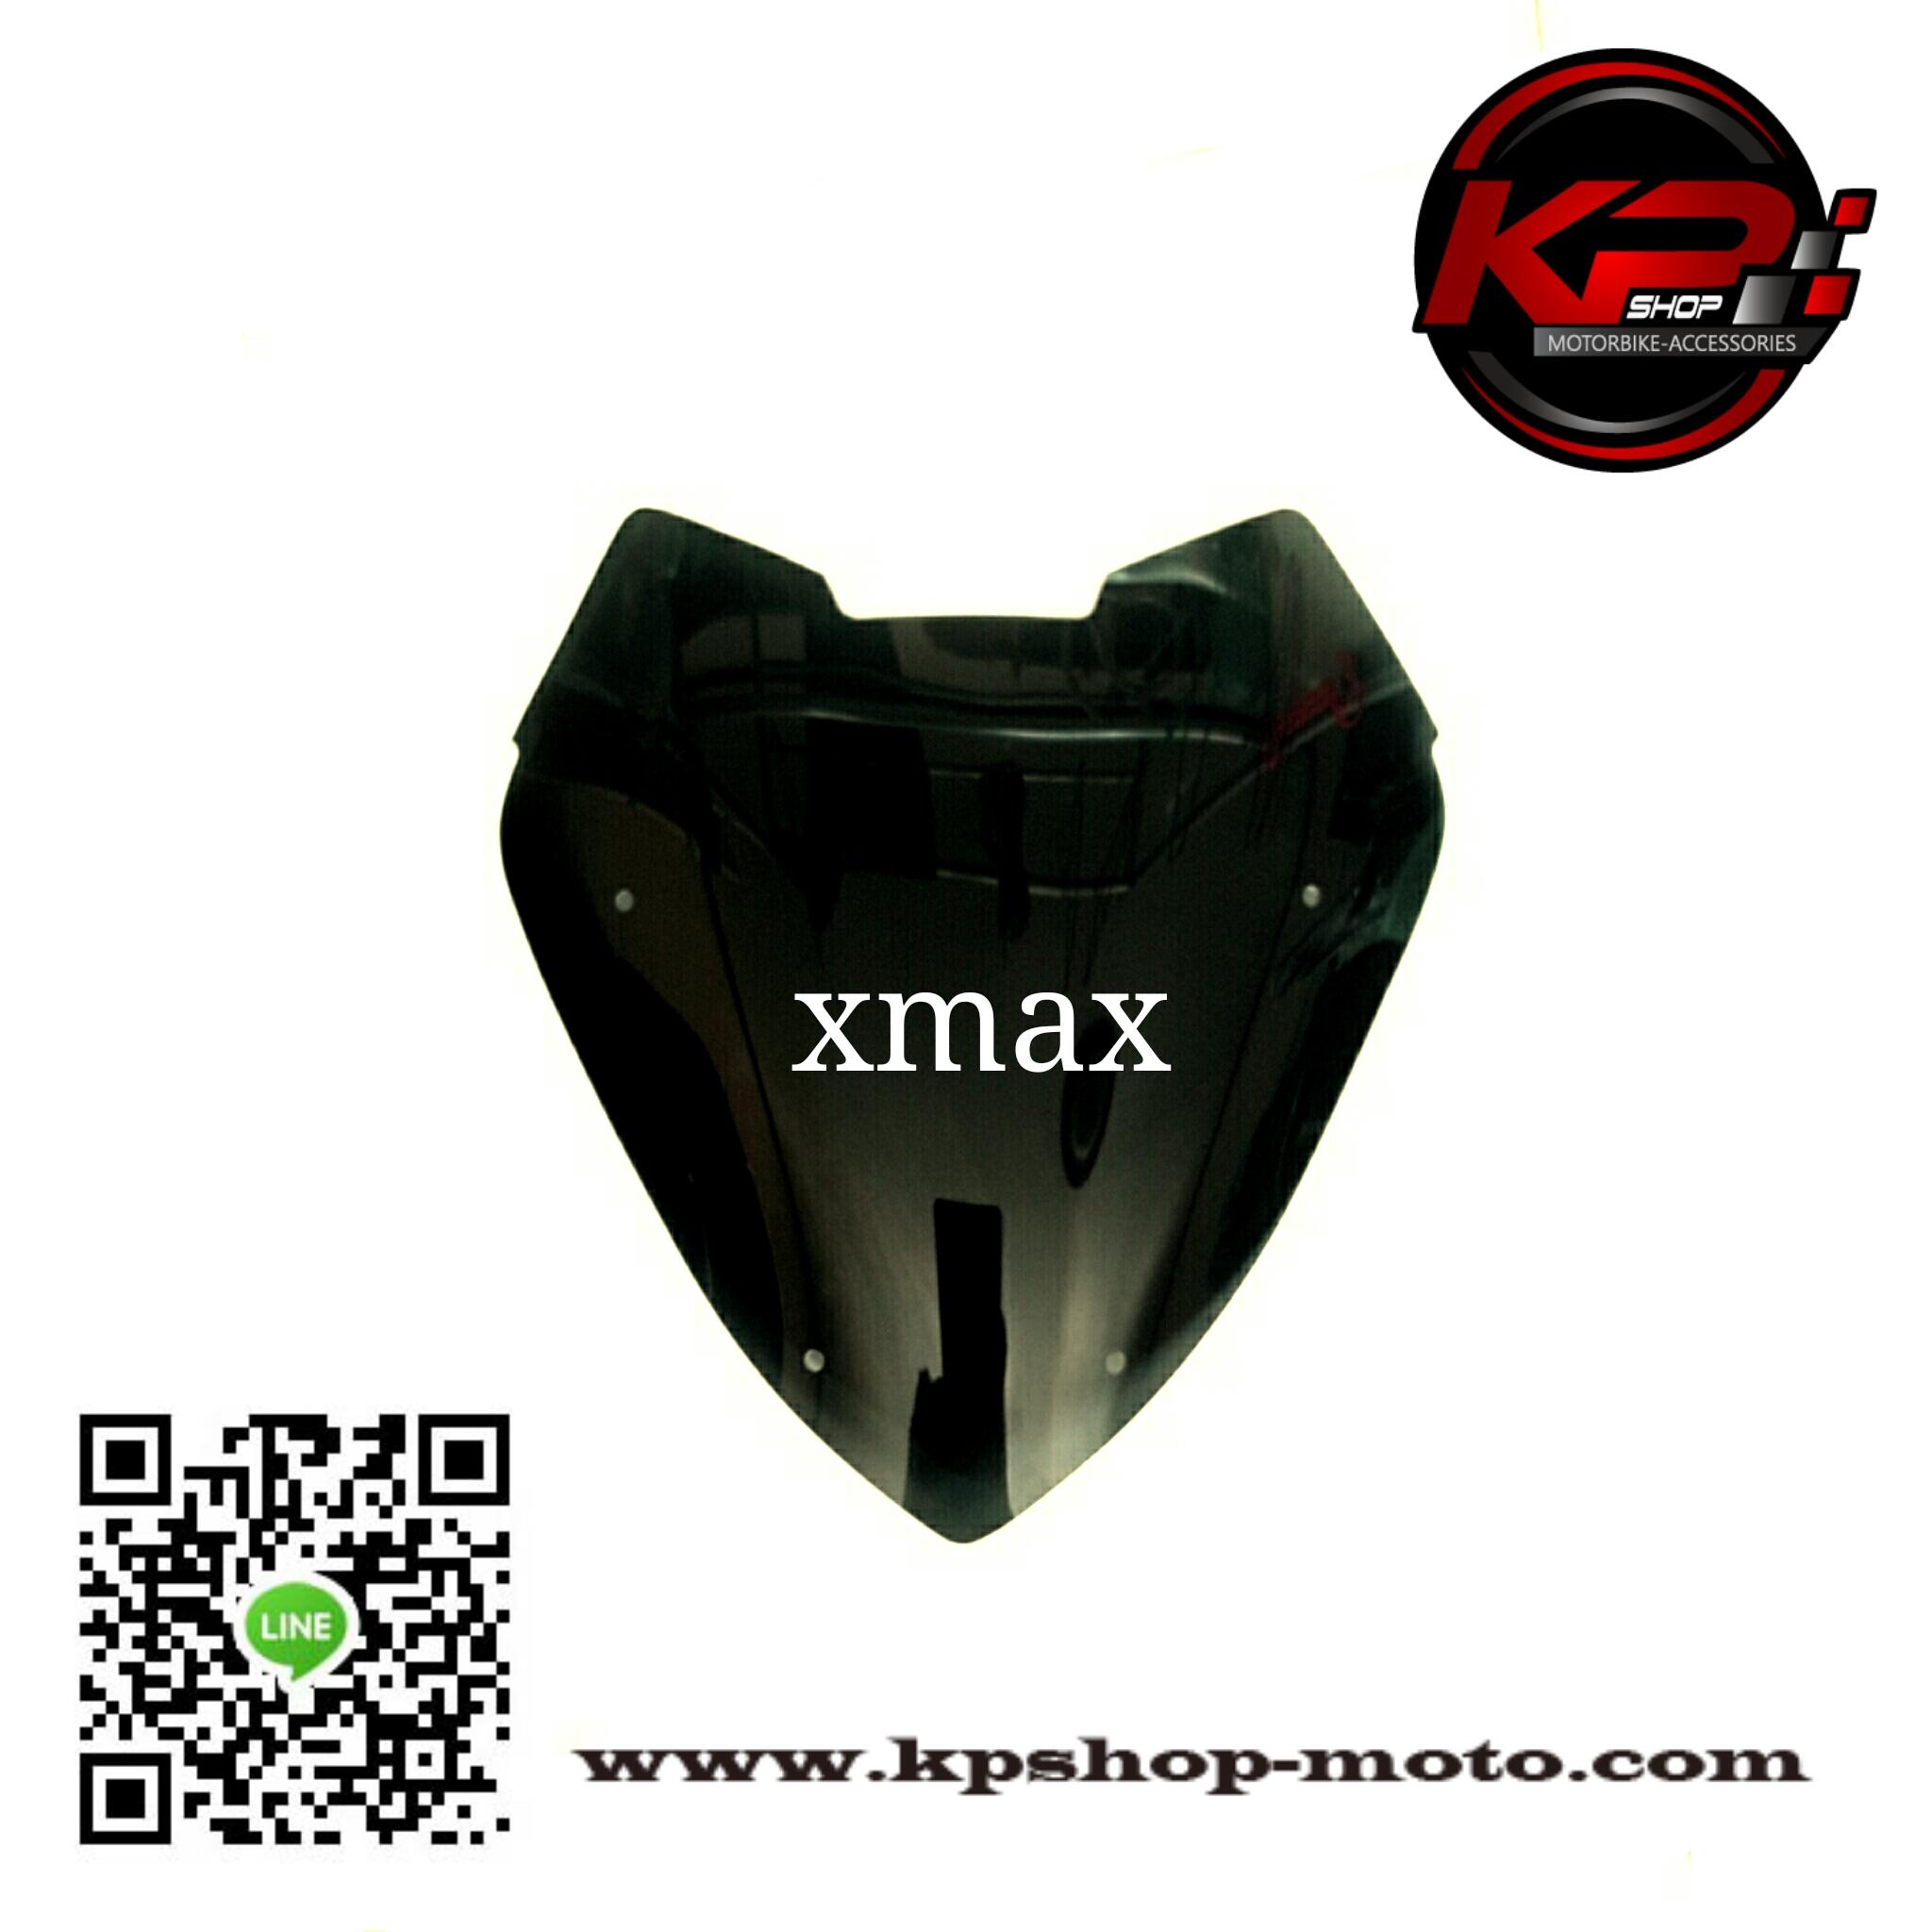 ชิวหน้า xmax